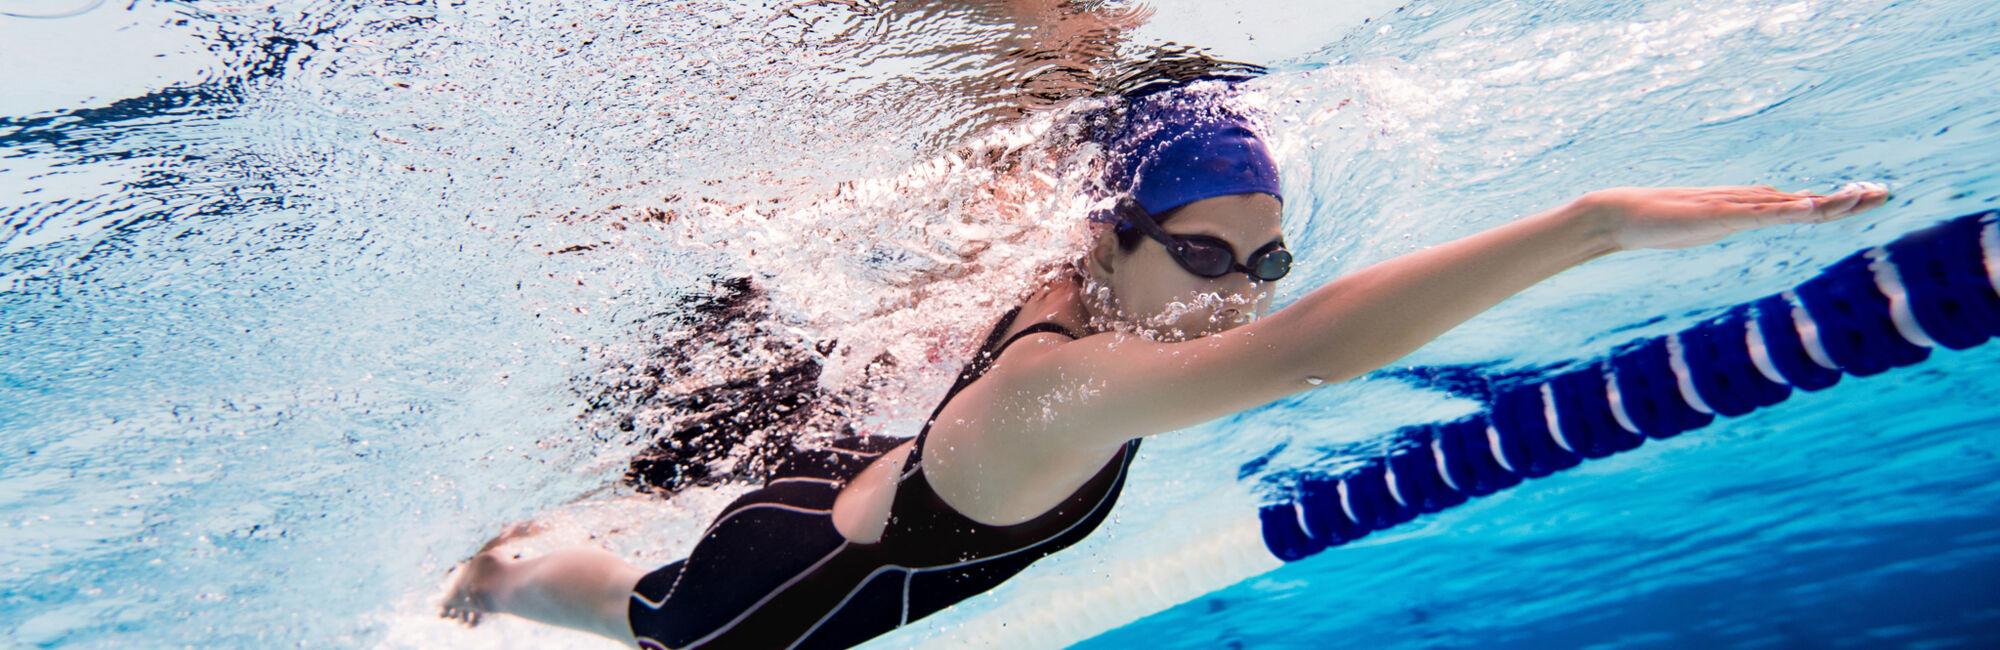 Headerbeeld banenzwemmen - Vrouw borstcrawl onder water